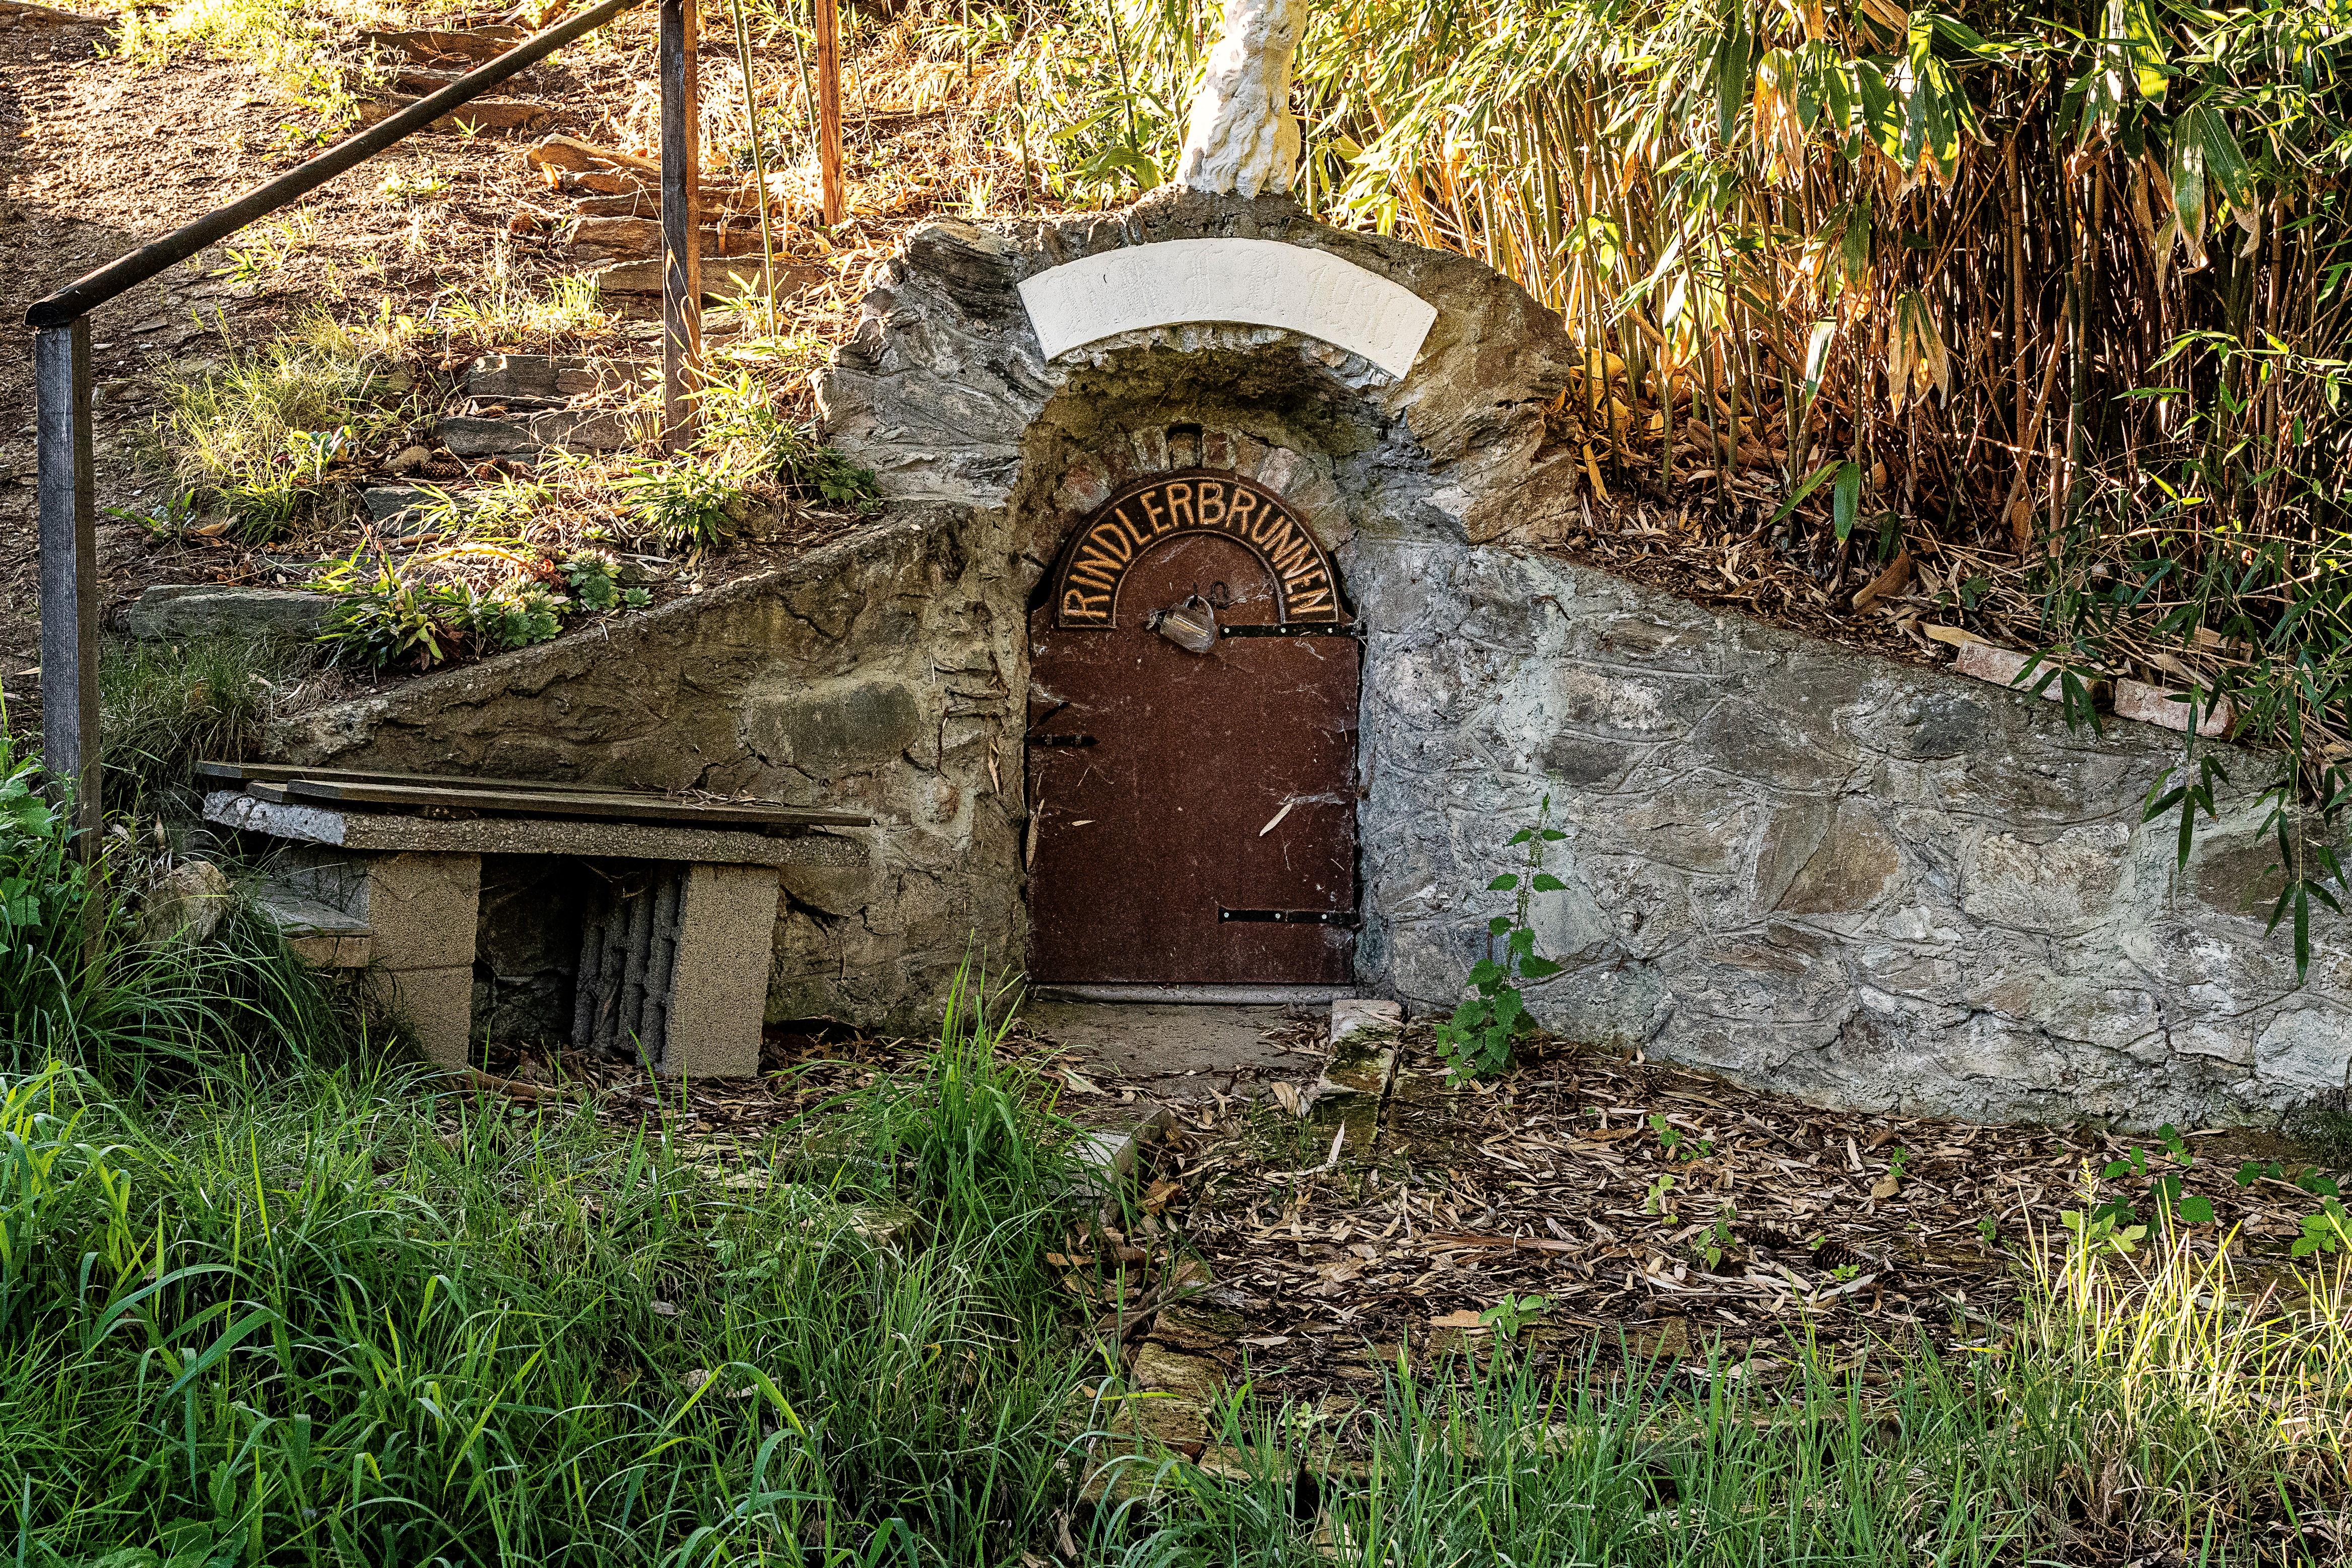 Römischen Wasserleitung, Rindlerbrunnen, Rechnitz, Südburgenland